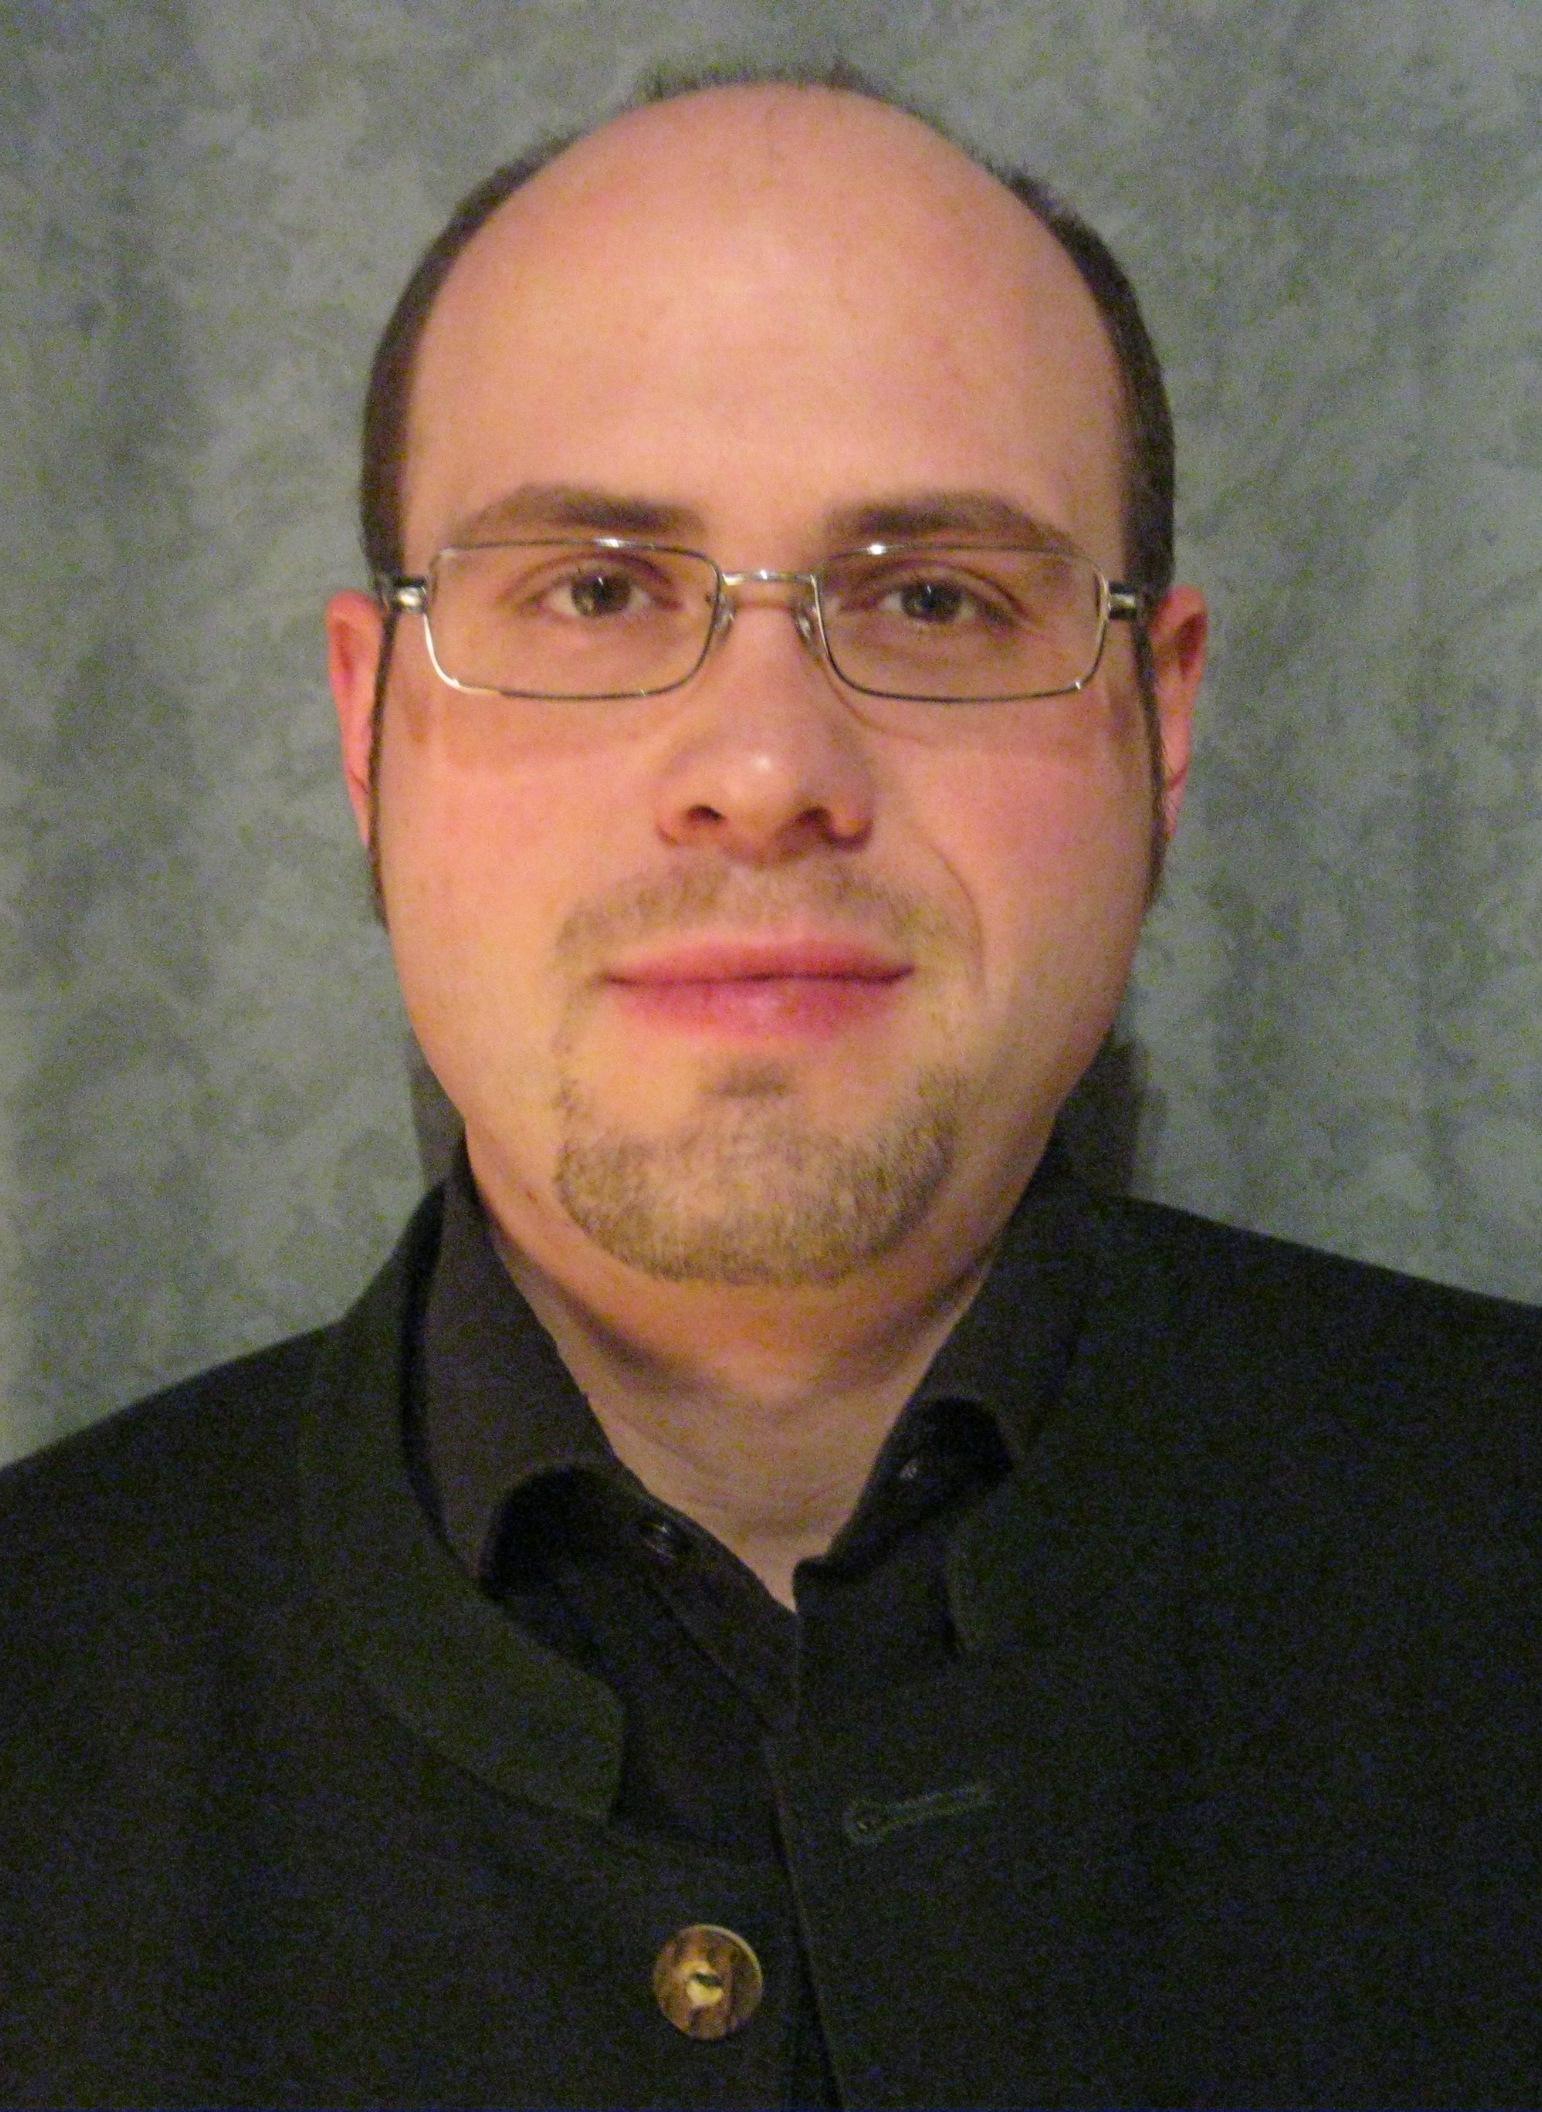 Portraitbild von Ing. Martin Holzmann